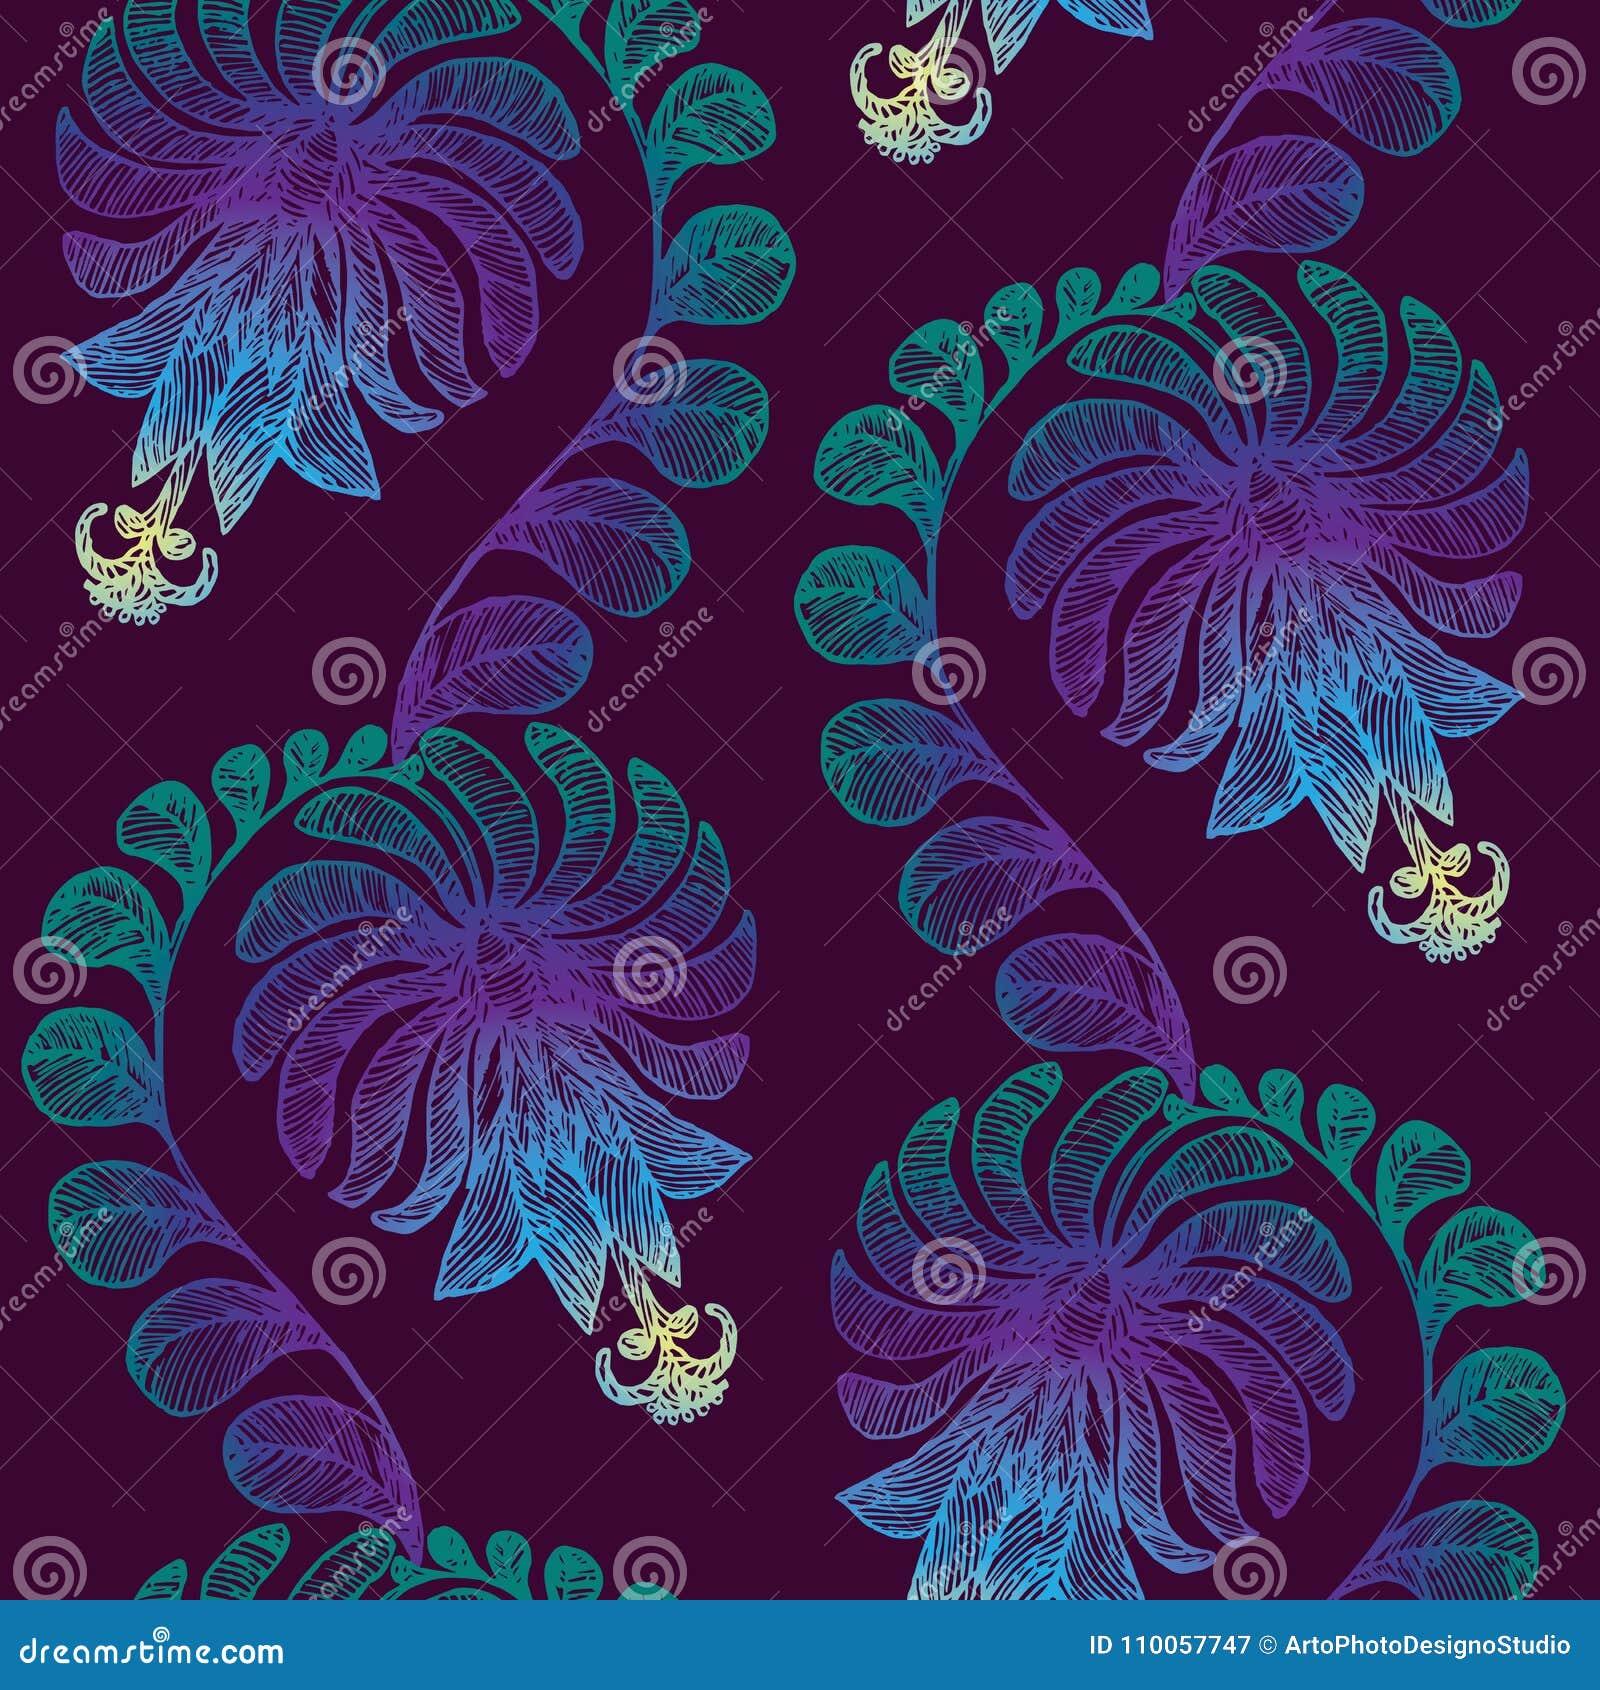 Magnífico Hada Mágica Arco Iris Para Colorear Componente - Dibujos ...